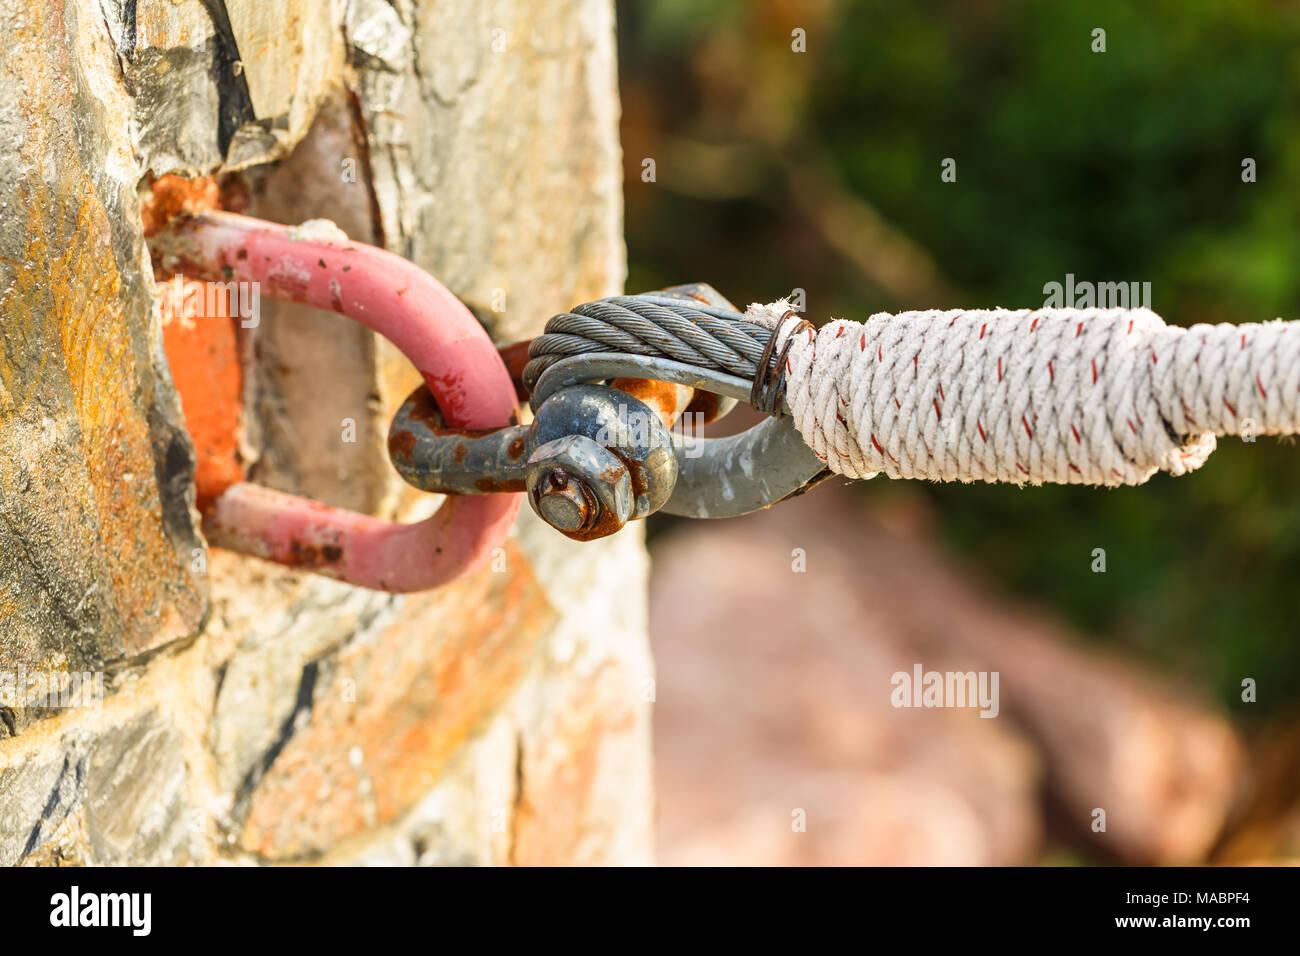 Shackle hook up